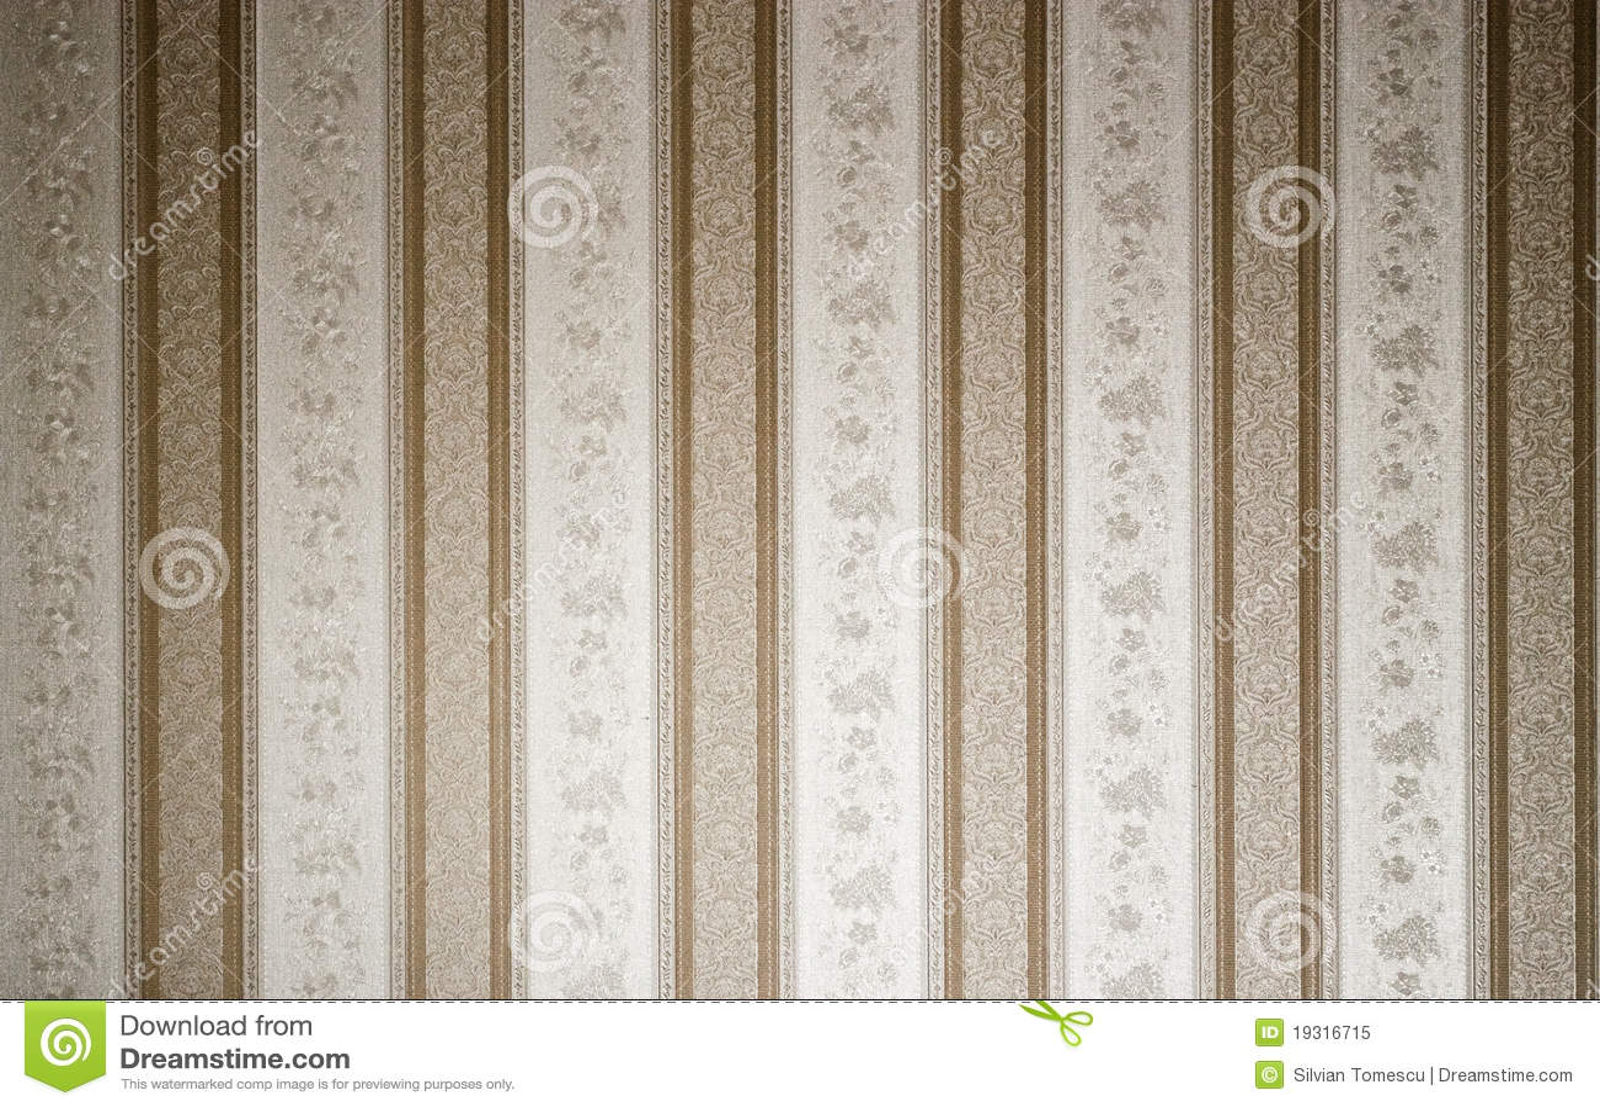 Struttura classica della carta da parati immagine stock for Parati classici